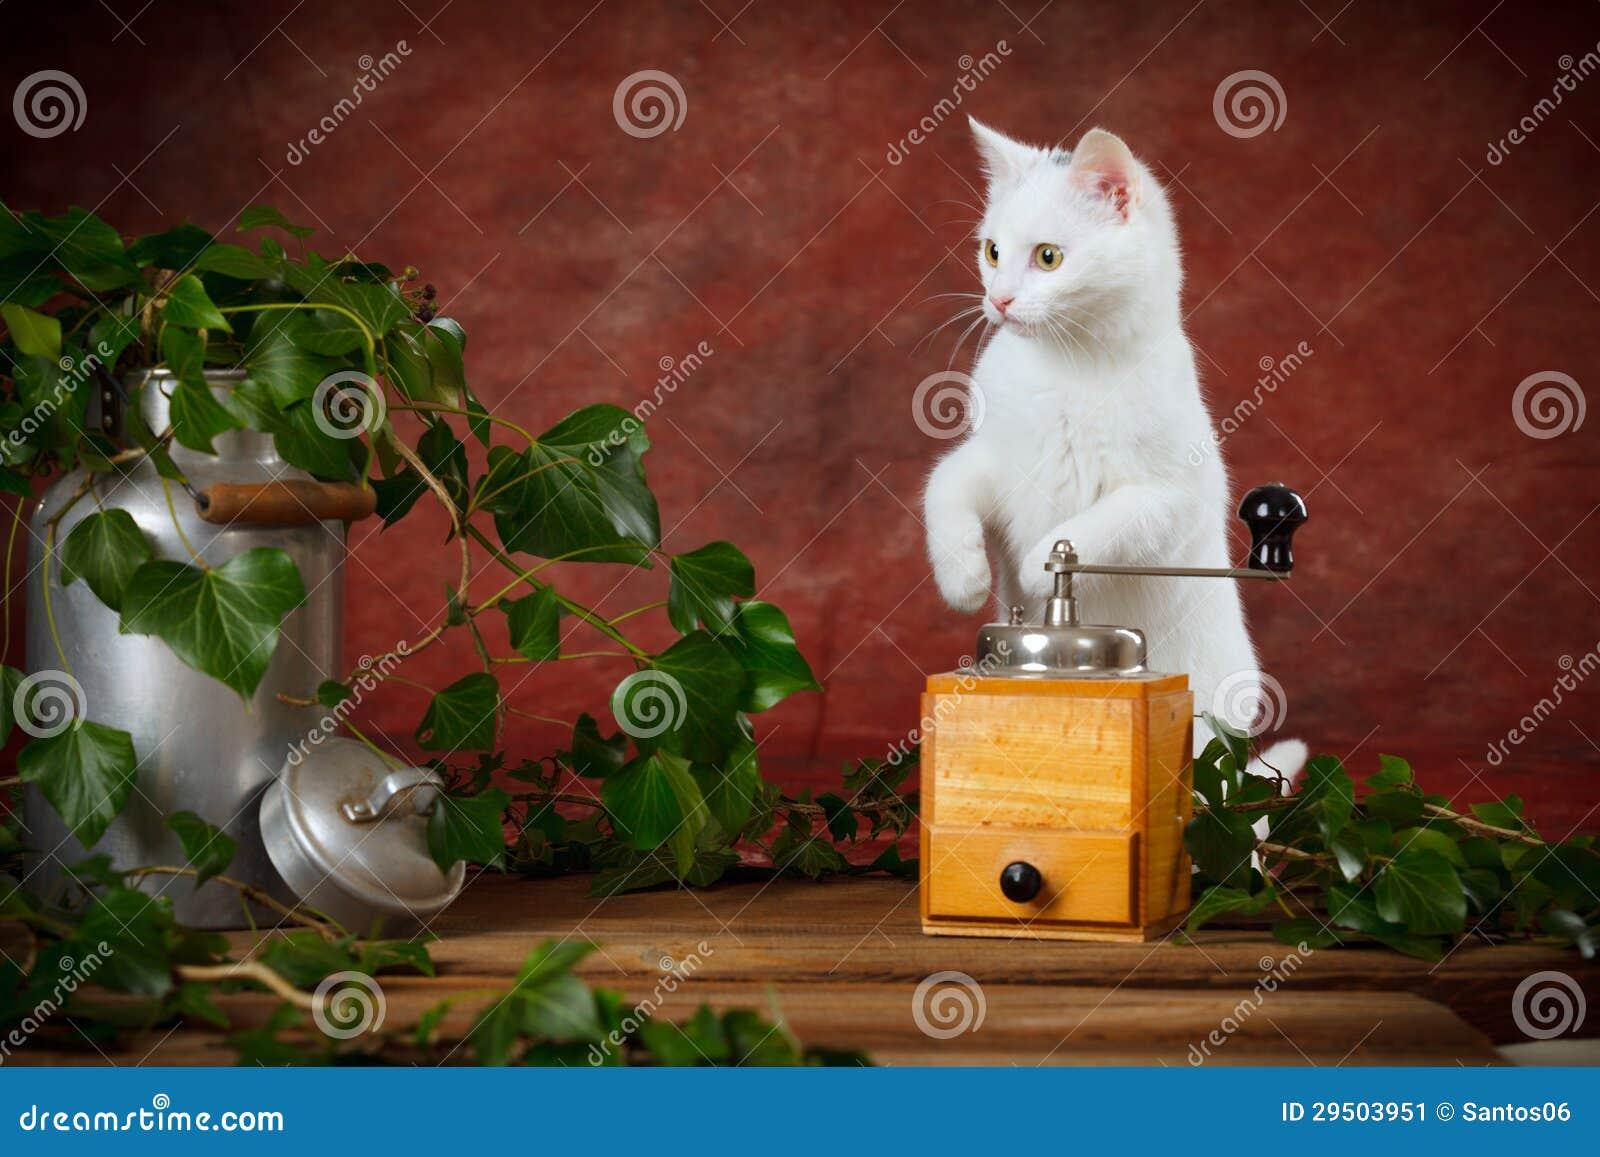 Het witte katje tussen melk kan en koffiemolen